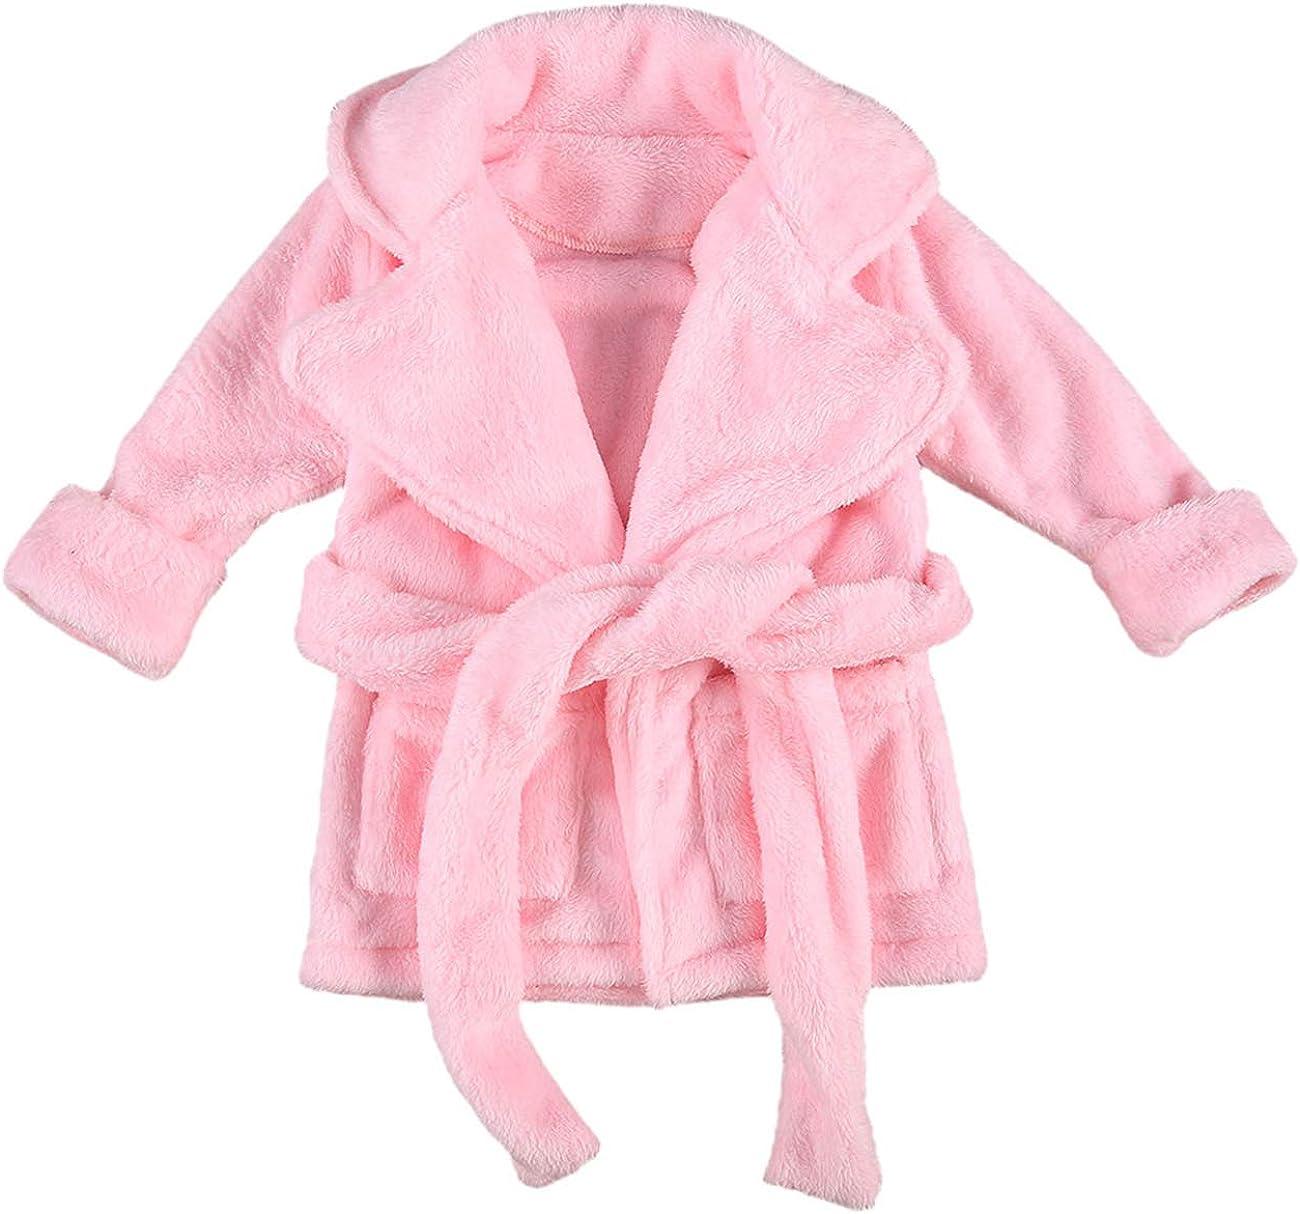 Unisex Baby Plush Bathrobe Plain Kimono Gir Max 41% Tucson Mall OFF Toddler Gown Newborn